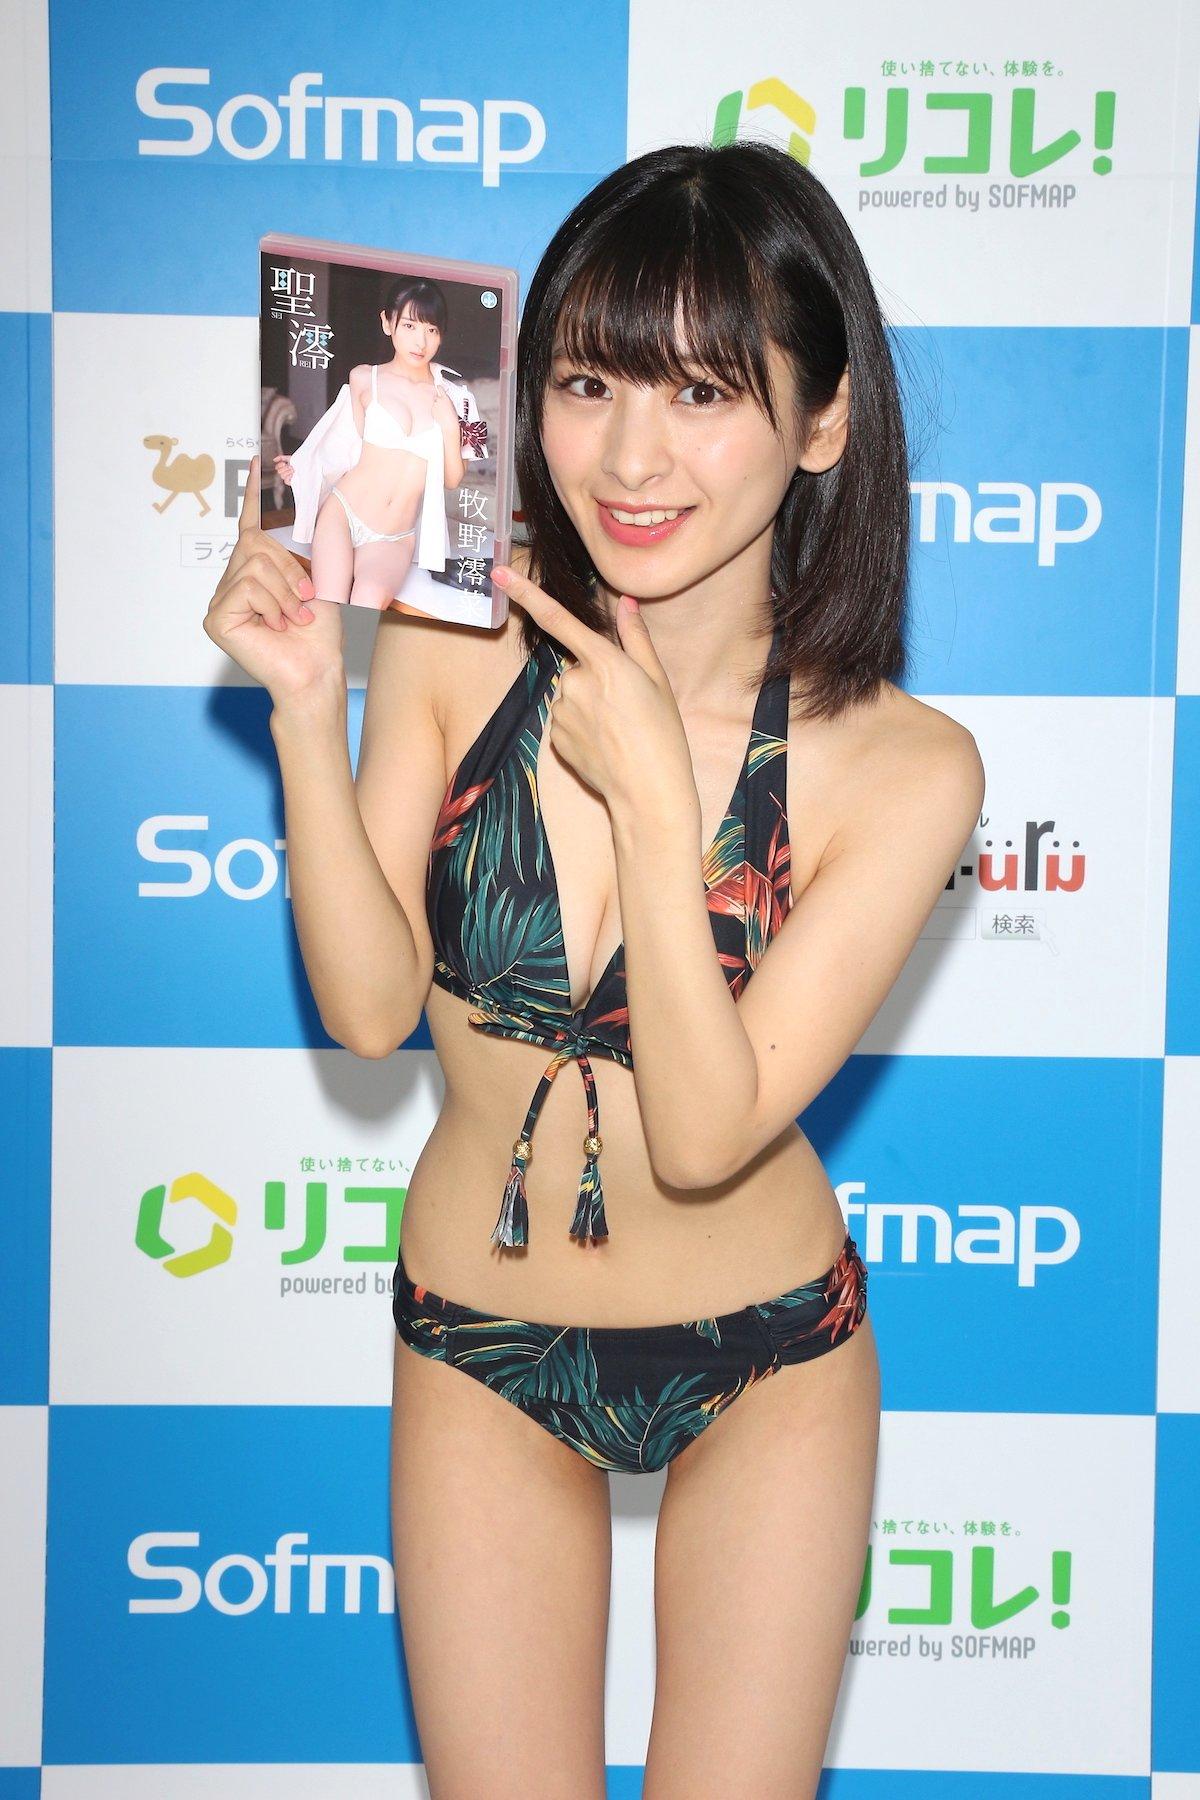 牧野澪菜「144cmのセクシーボディ」スクール水着でやらかしちゃった【画像61枚】の画像058